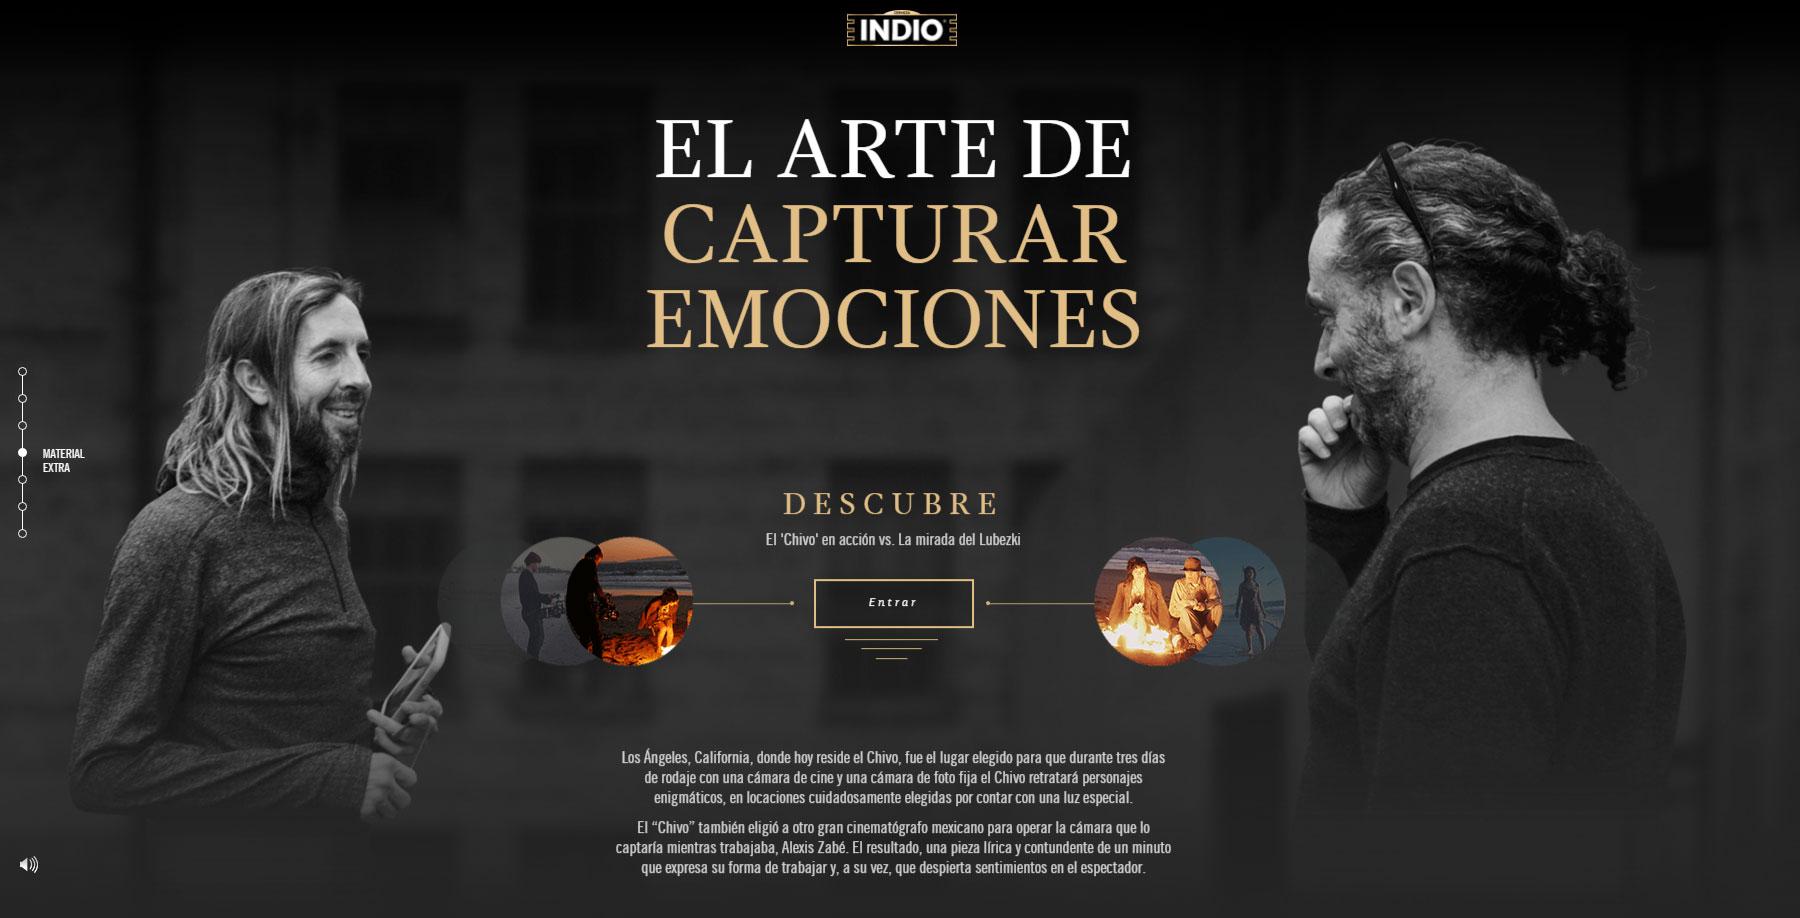 Lubezki + INDIO - Website of the Month